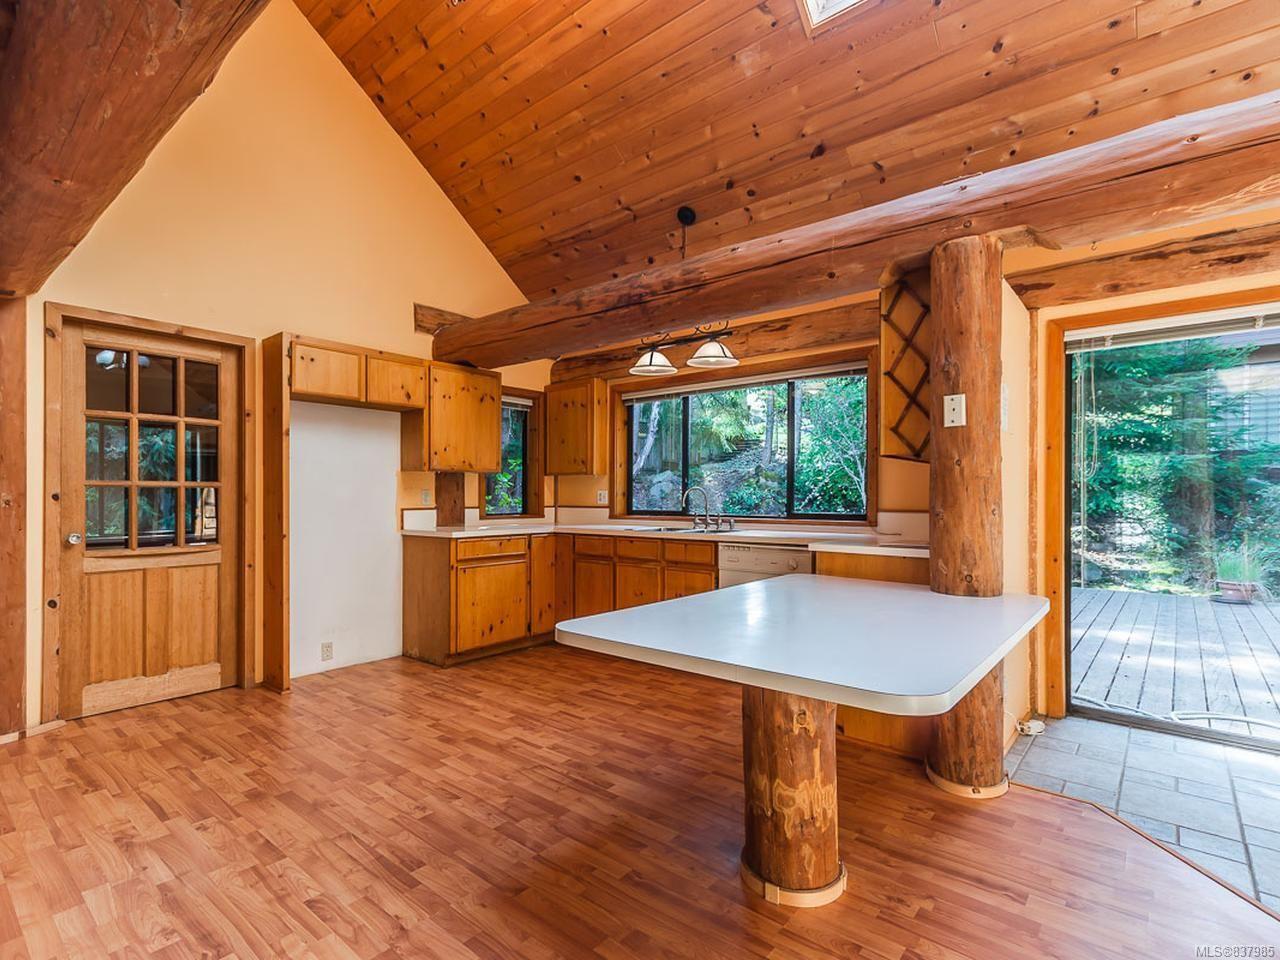 Main Photo: 6691 Medd Rd in NANAIMO: Na North Nanaimo House for sale (Nanaimo)  : MLS®# 837985